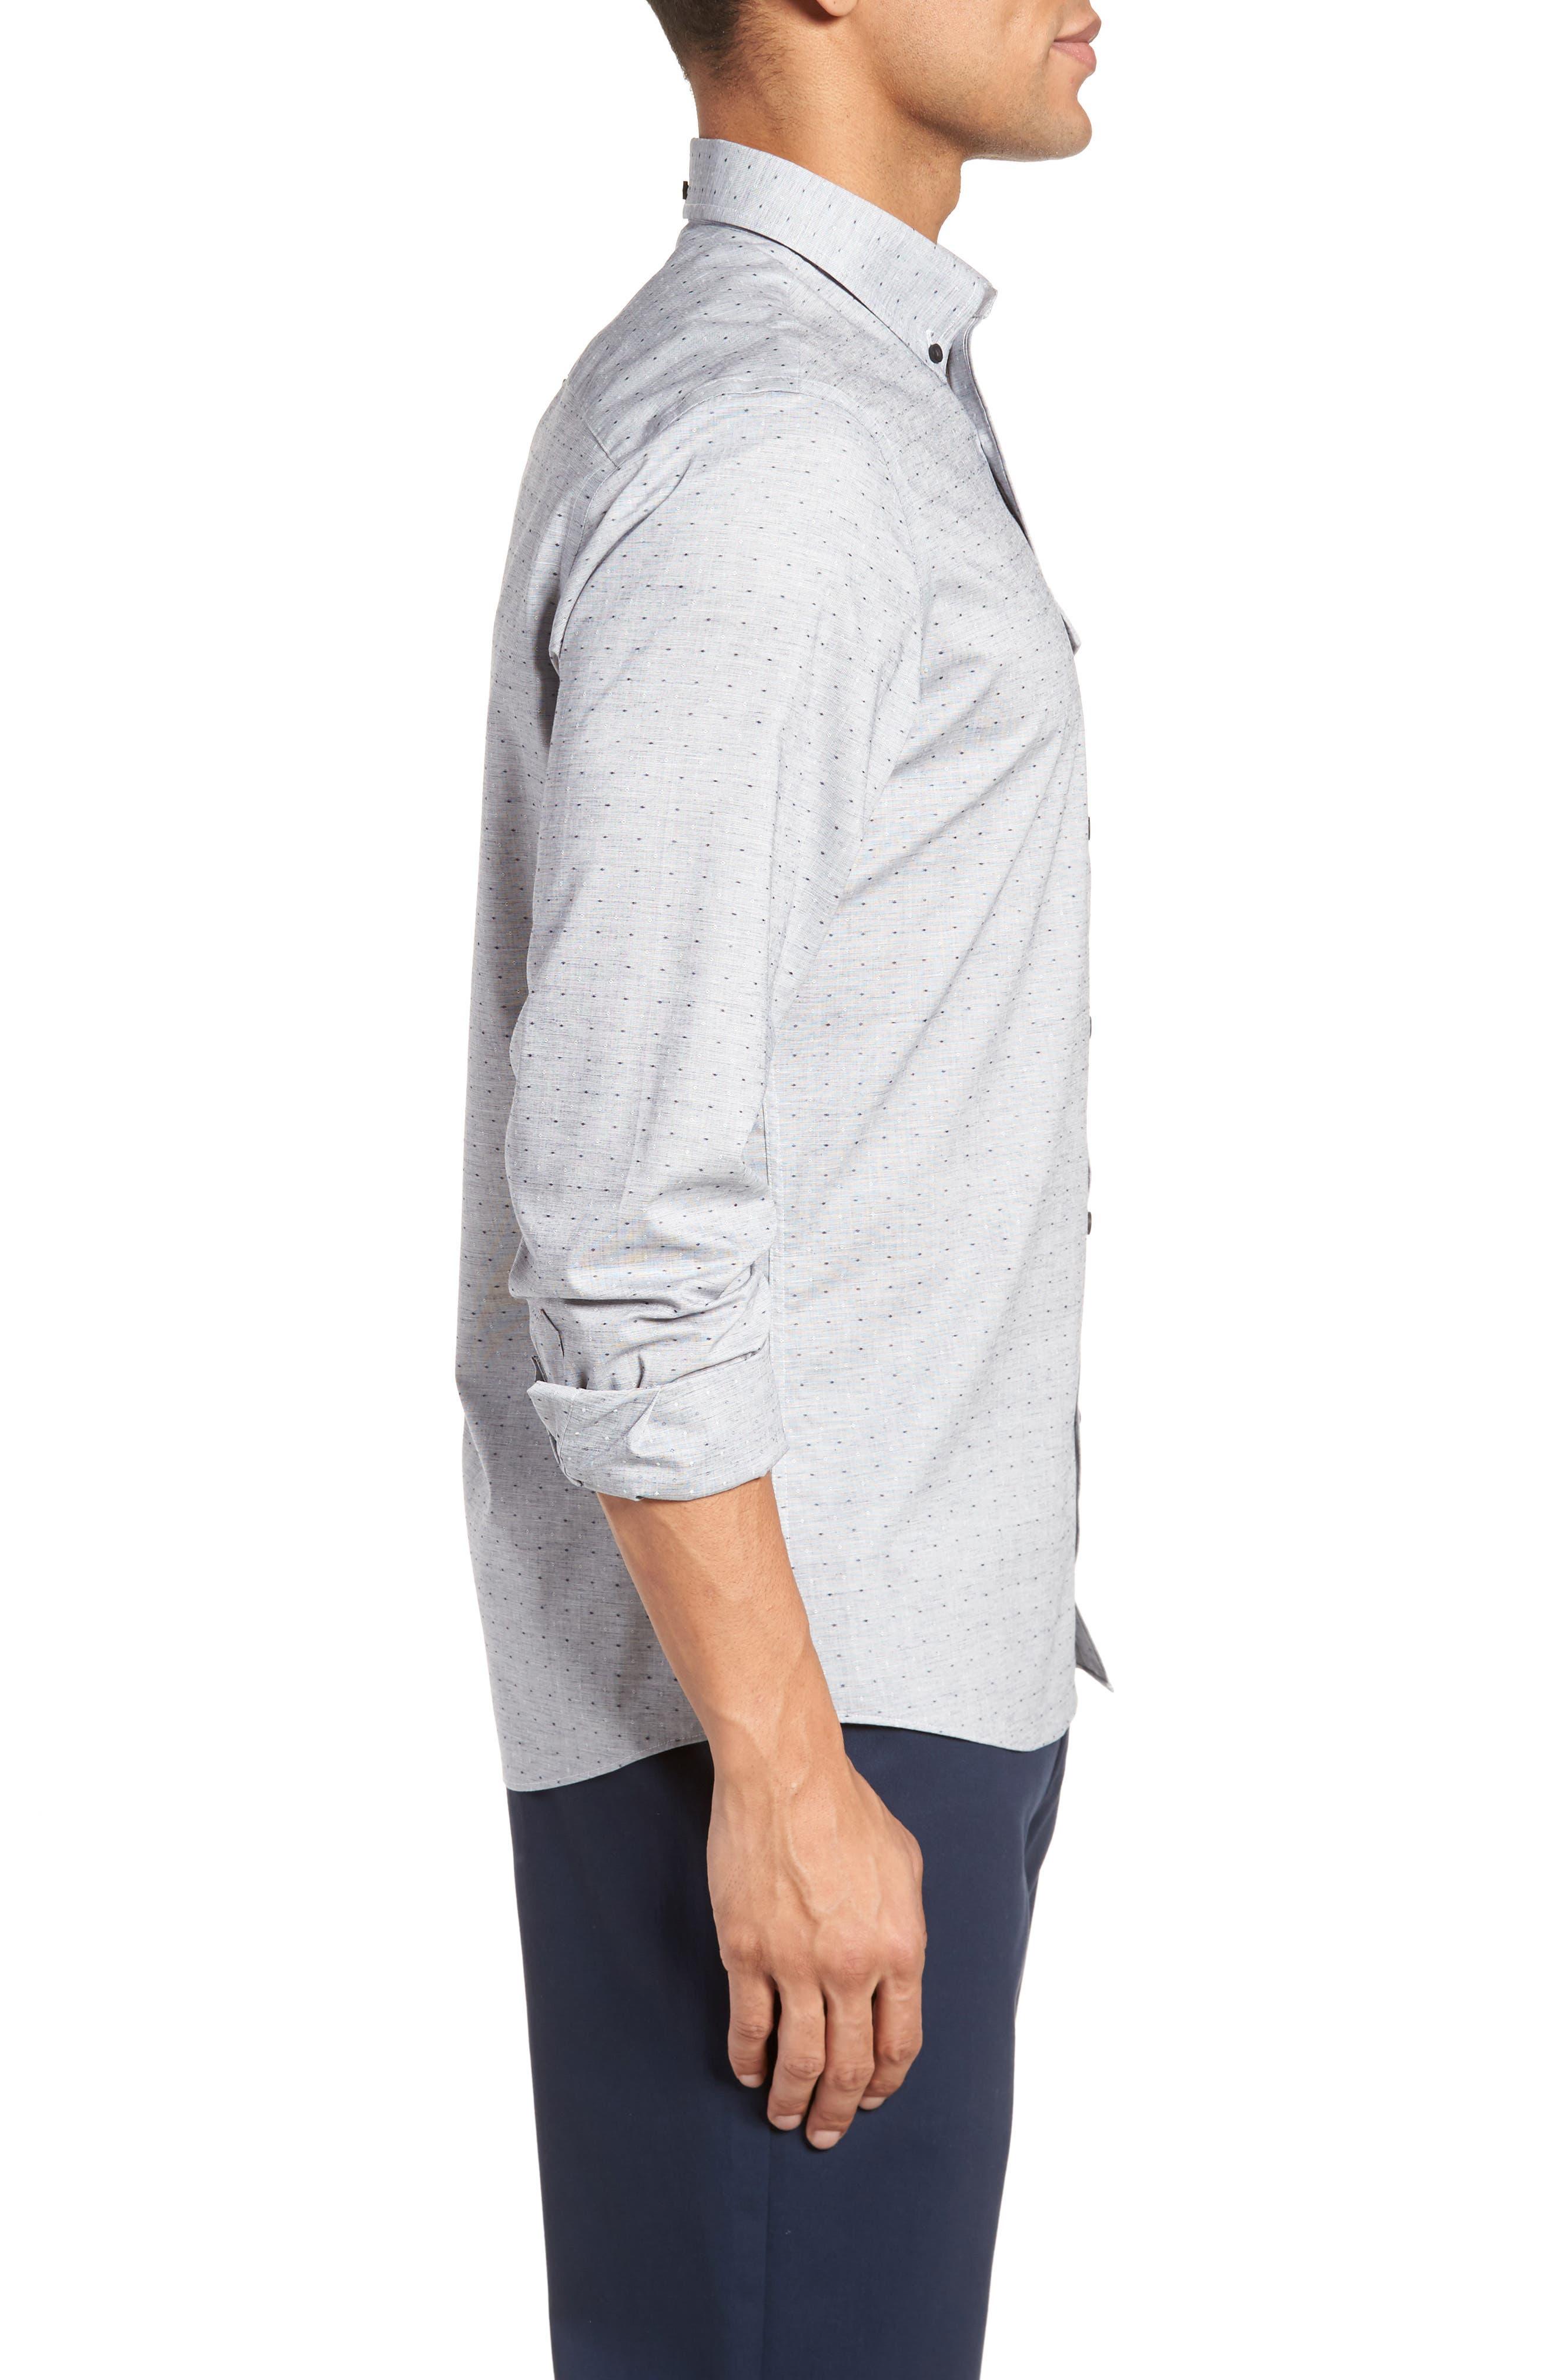 Trim Fit Dobby Sport Shirt,                             Alternate thumbnail 4, color,                             Navy White Eoe Dobby